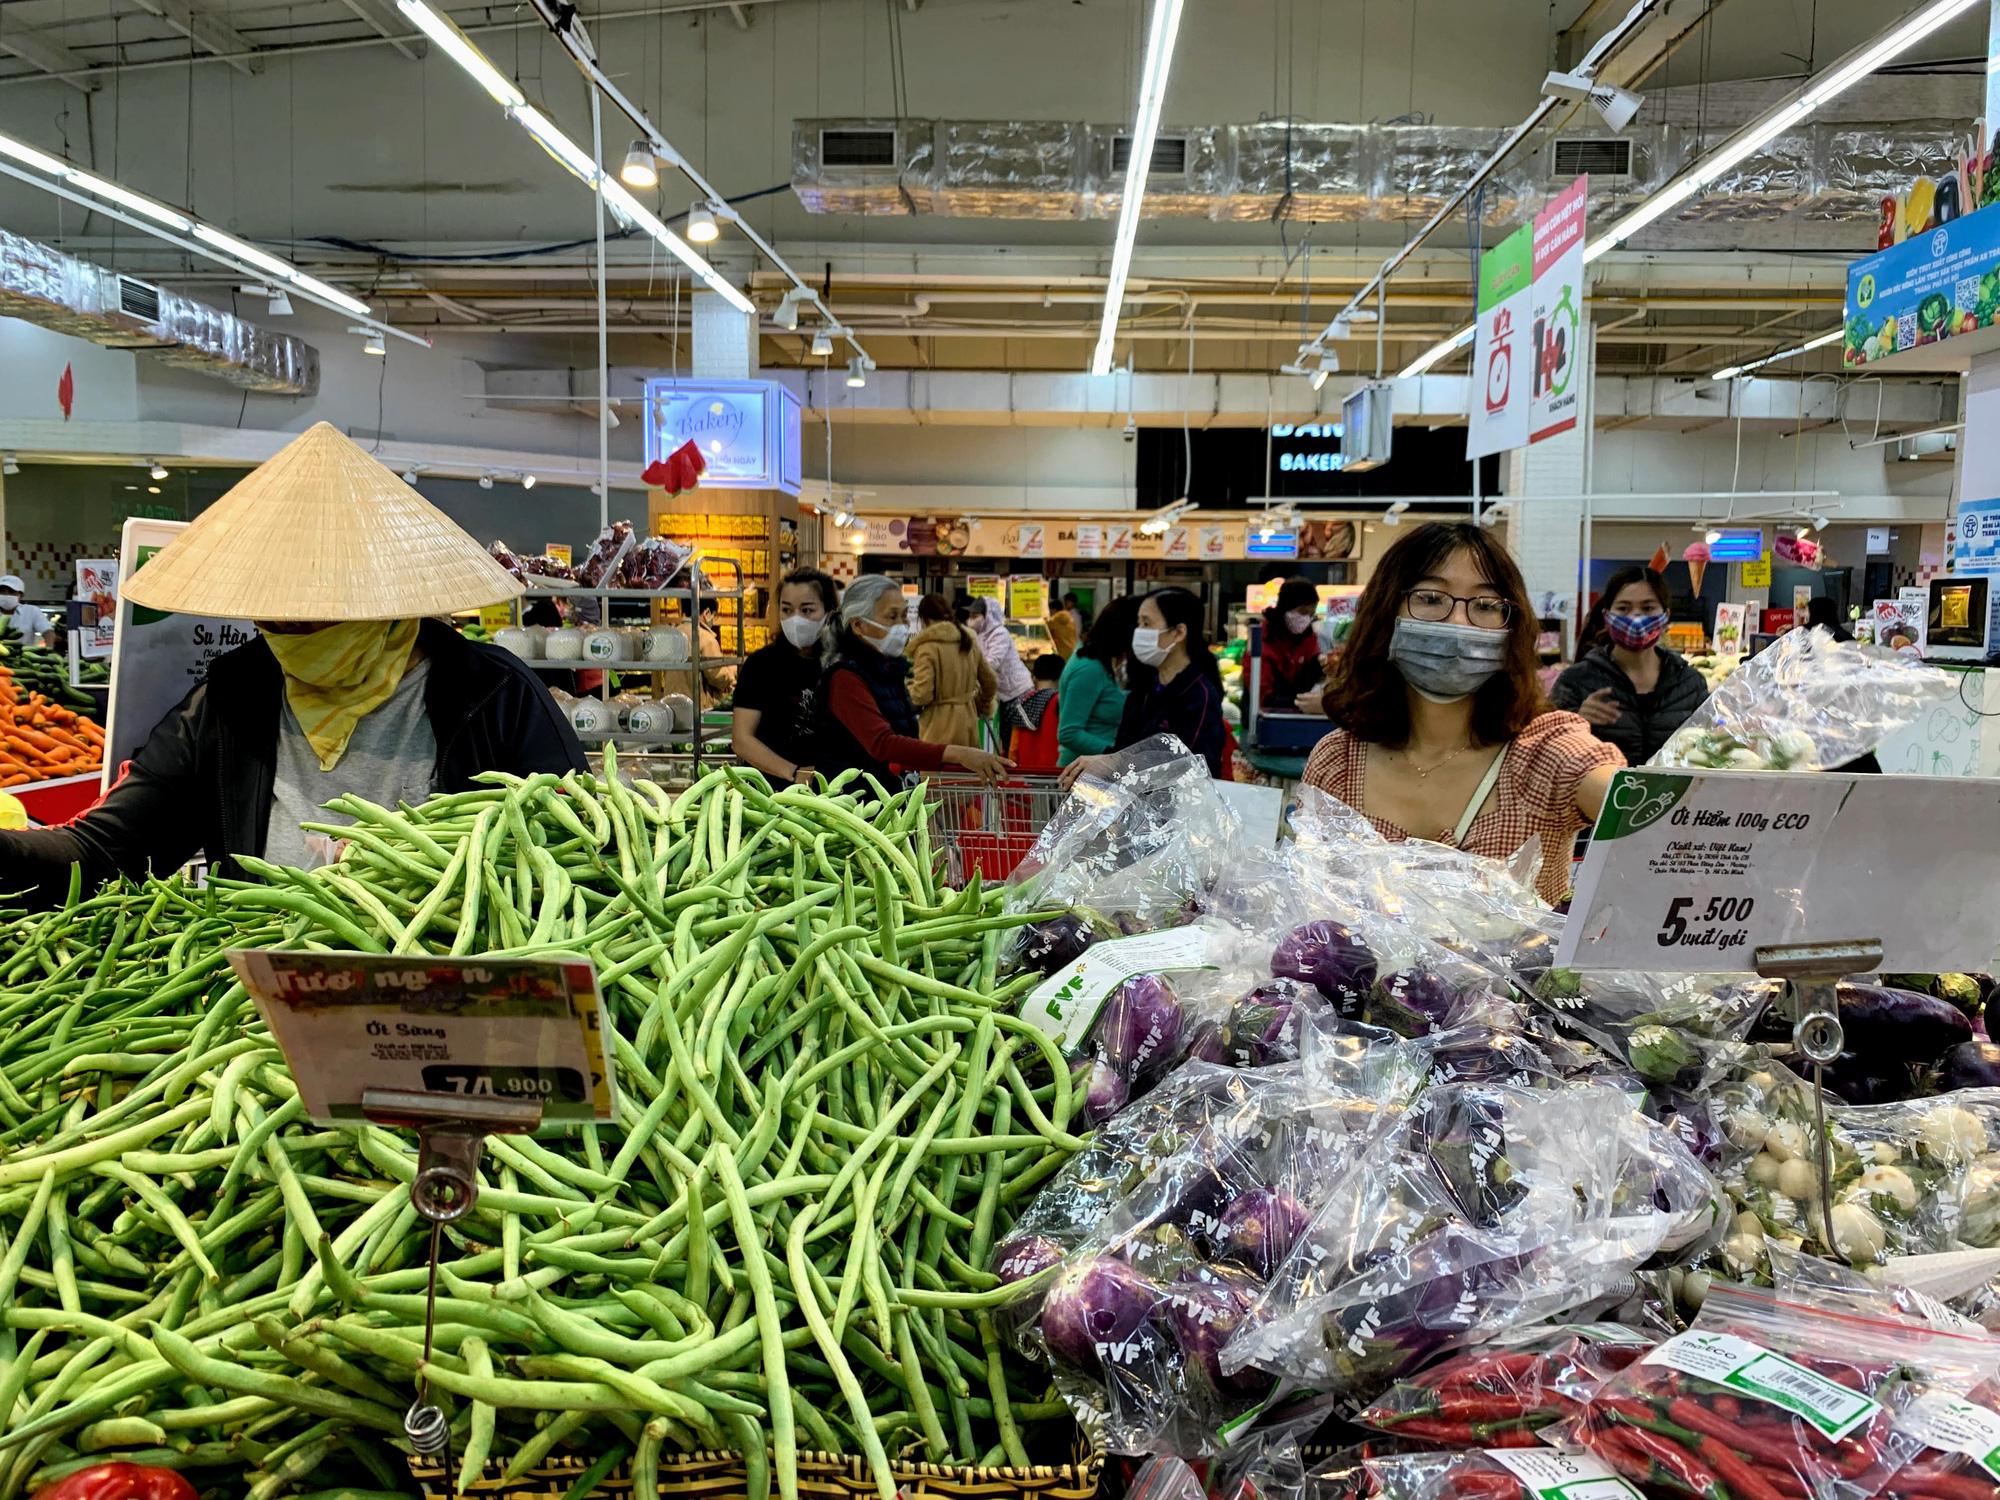 Hàng hoá trở lại đầy ắp trong siêu thị, người dân thảnh thơi mua sắm - Ảnh 2.